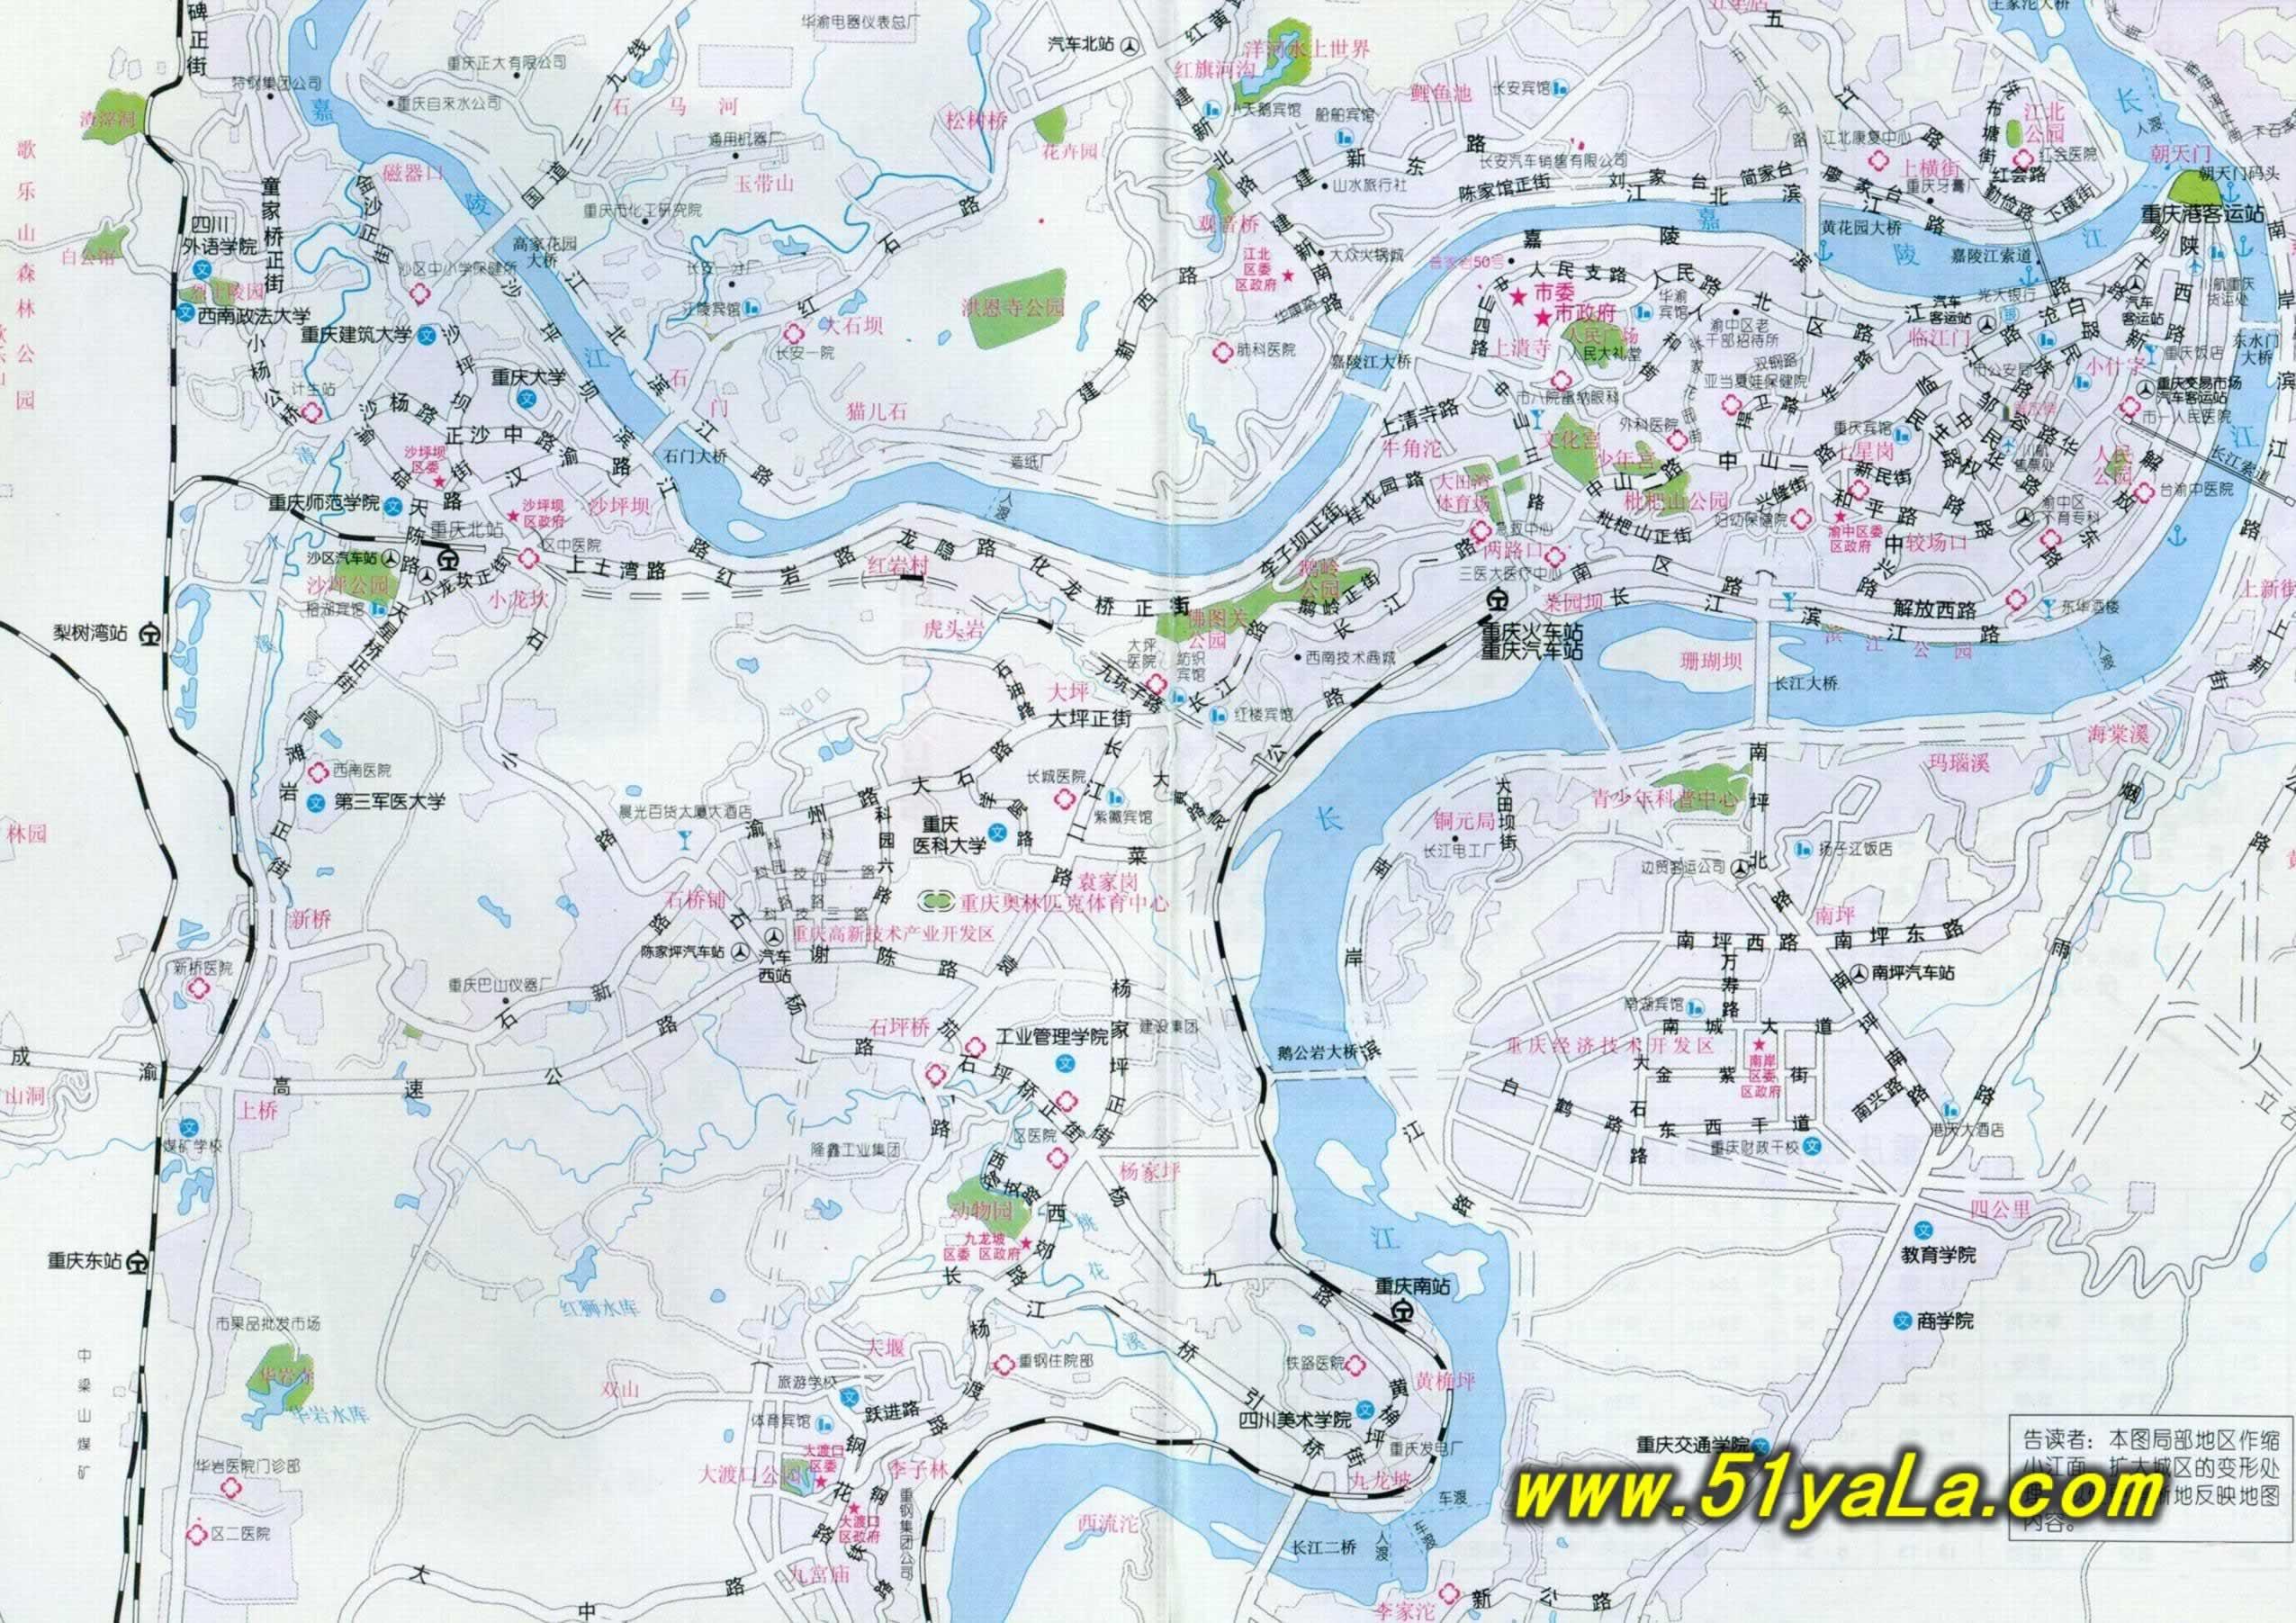 重庆市区地图